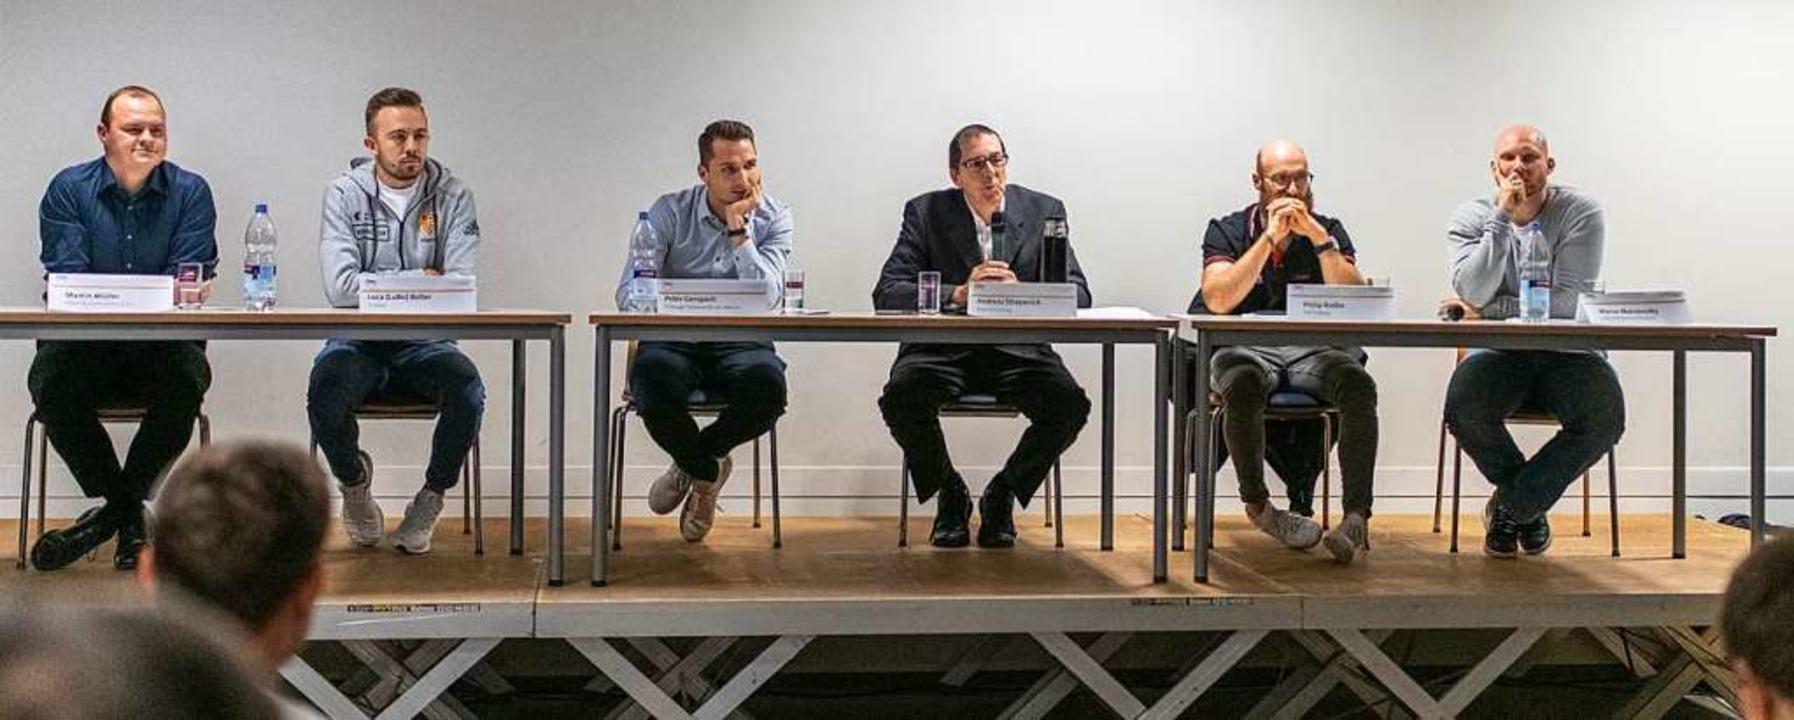 Das Podium beim E-Sport-Talk in der Sp...le und Sozialarbeiter Marco Marsovszky  | Foto: Patrick Seeger